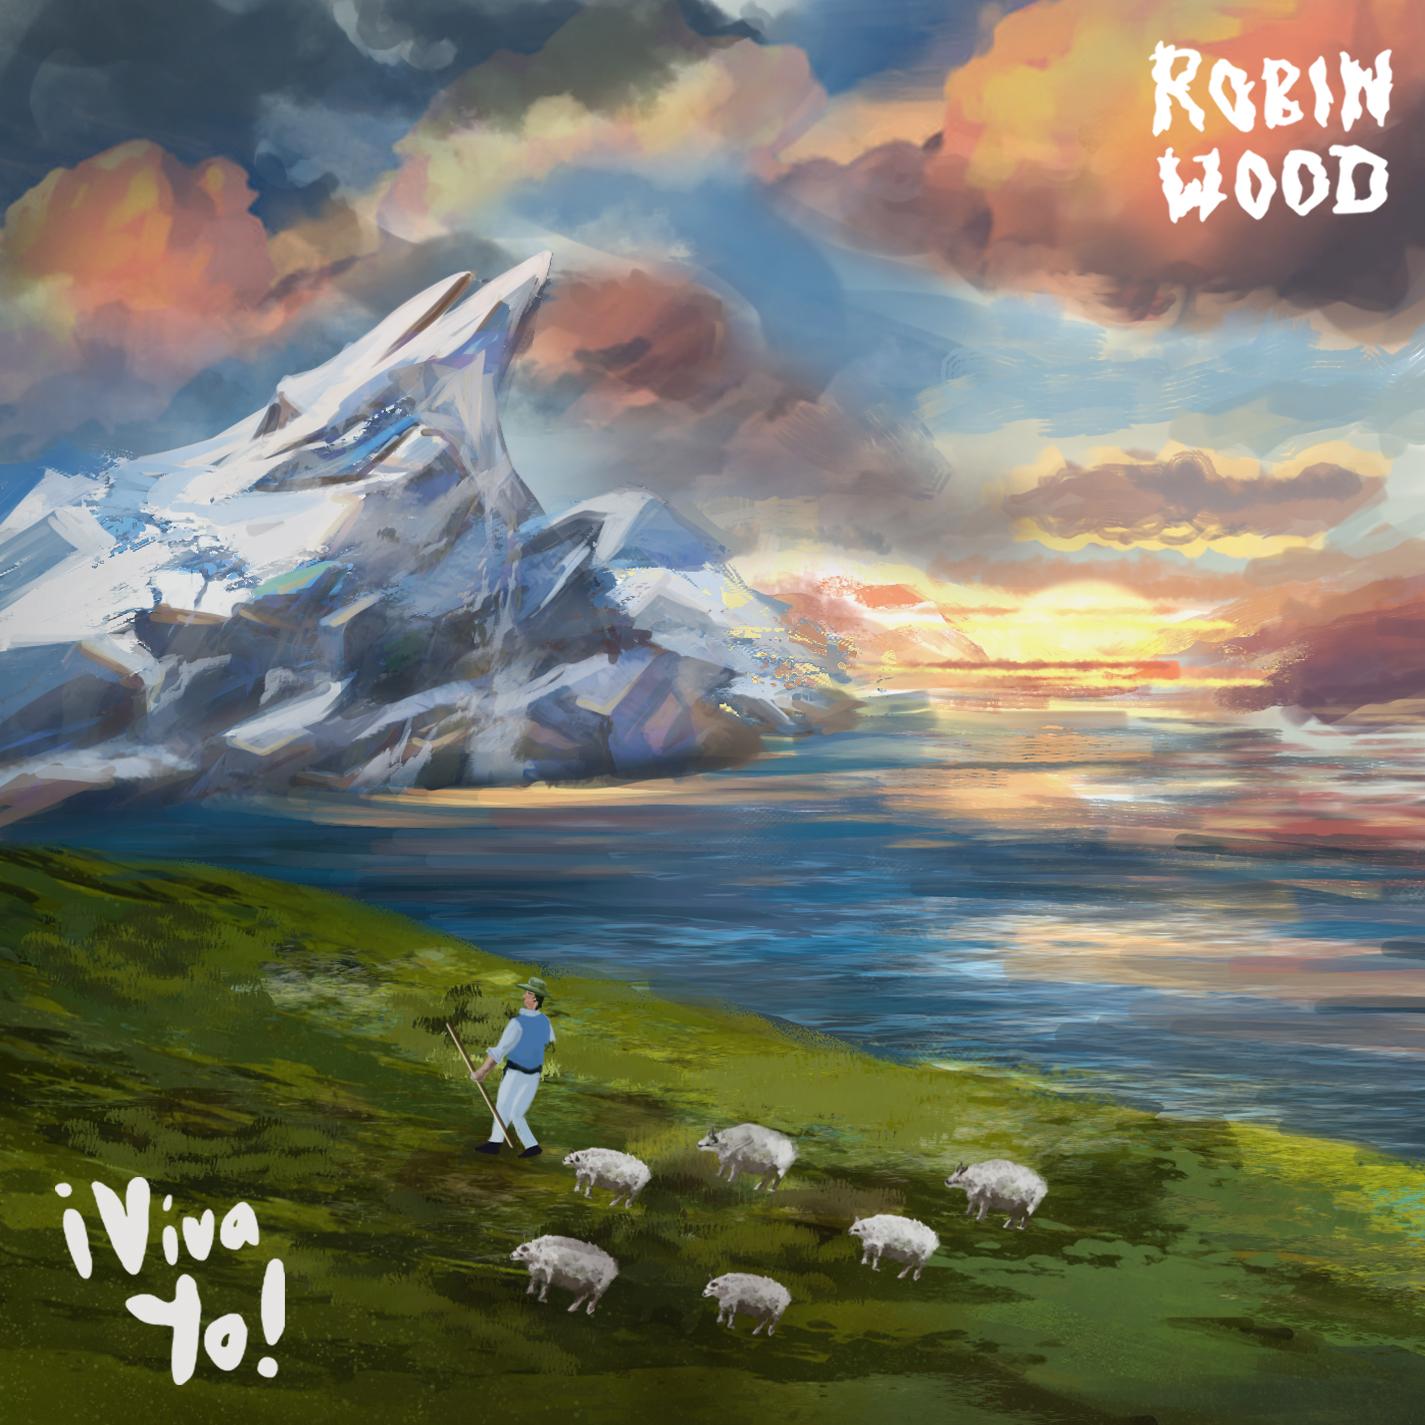 Robinwood - ¡Viva Yo!